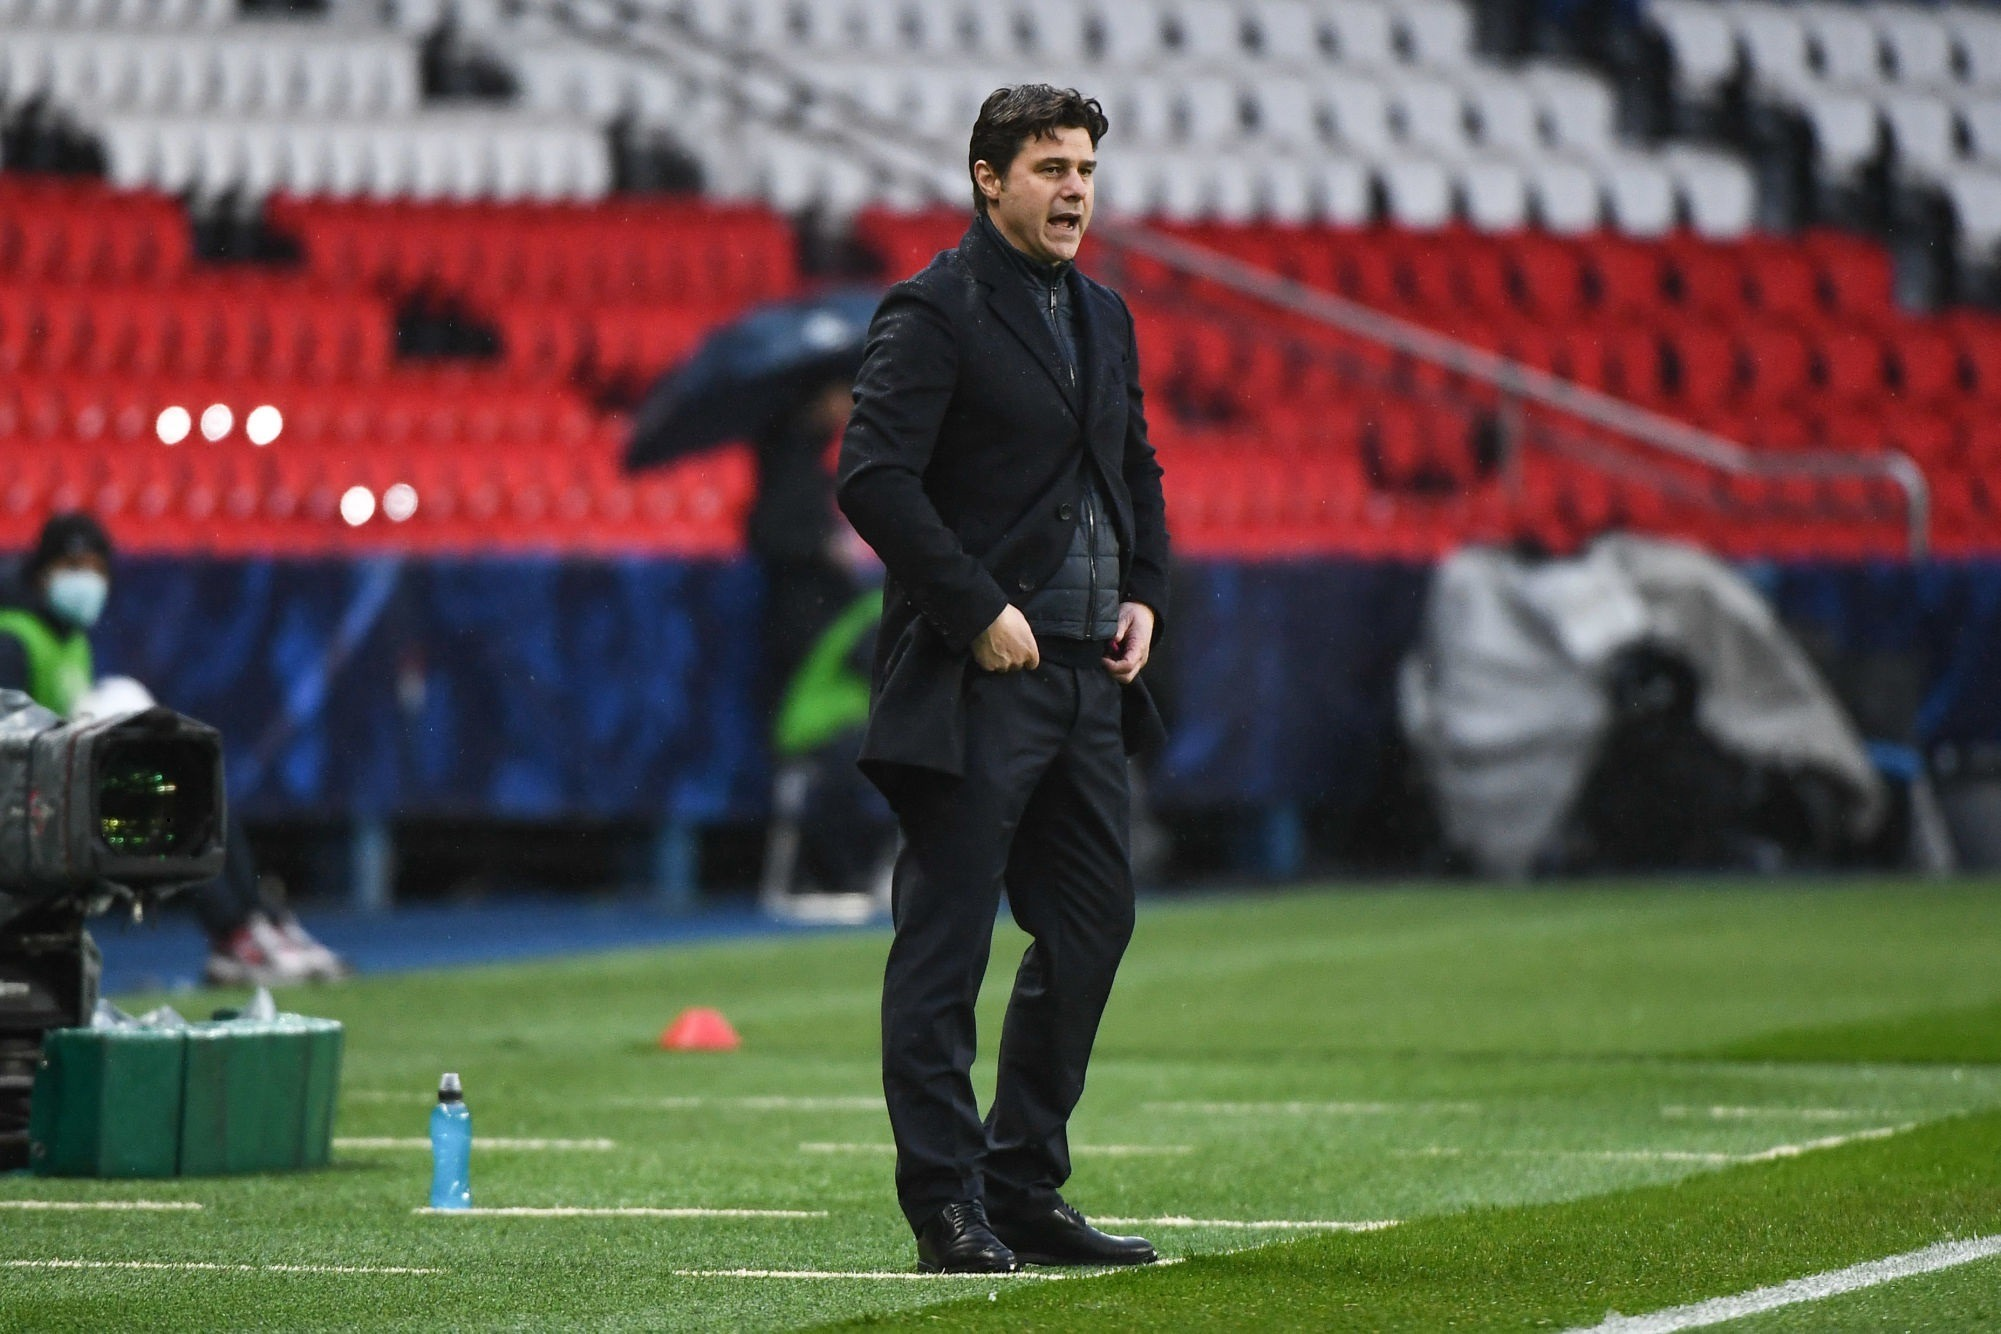 PSG/Lille - Pochettino revient sur la qualification dans des «circonstances difficiles»